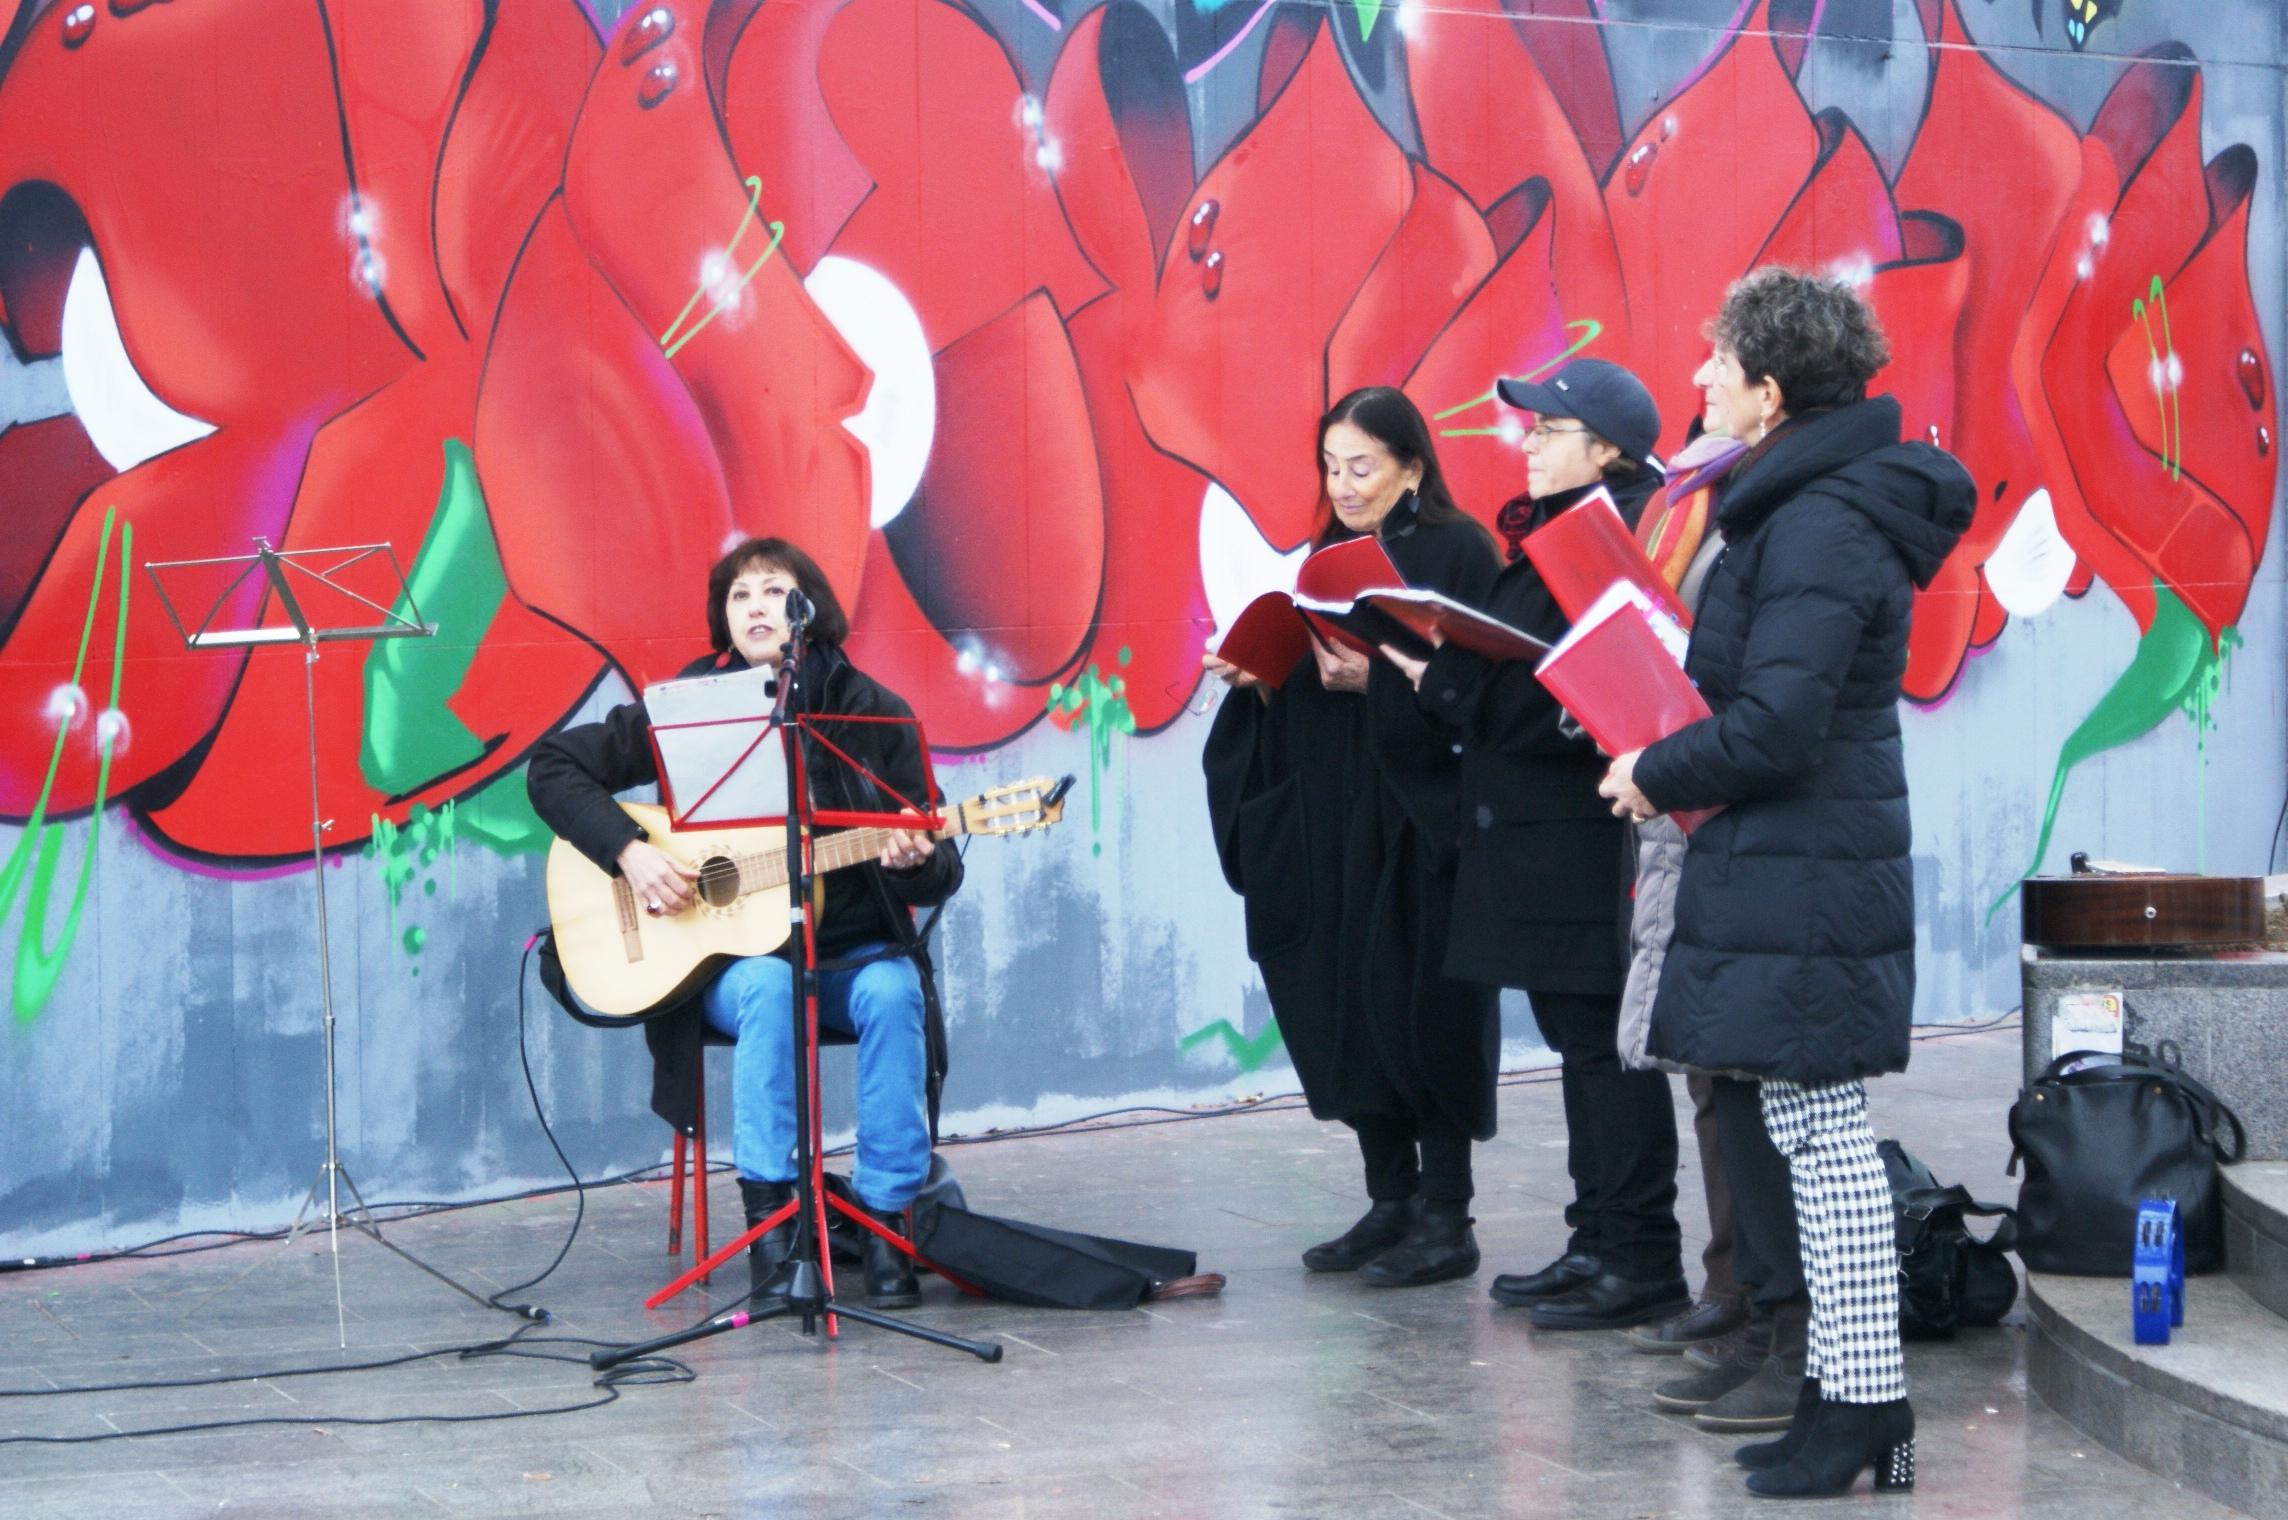 Nuovi murales per le donne partigiane di ieri e di oggi, nel mondo